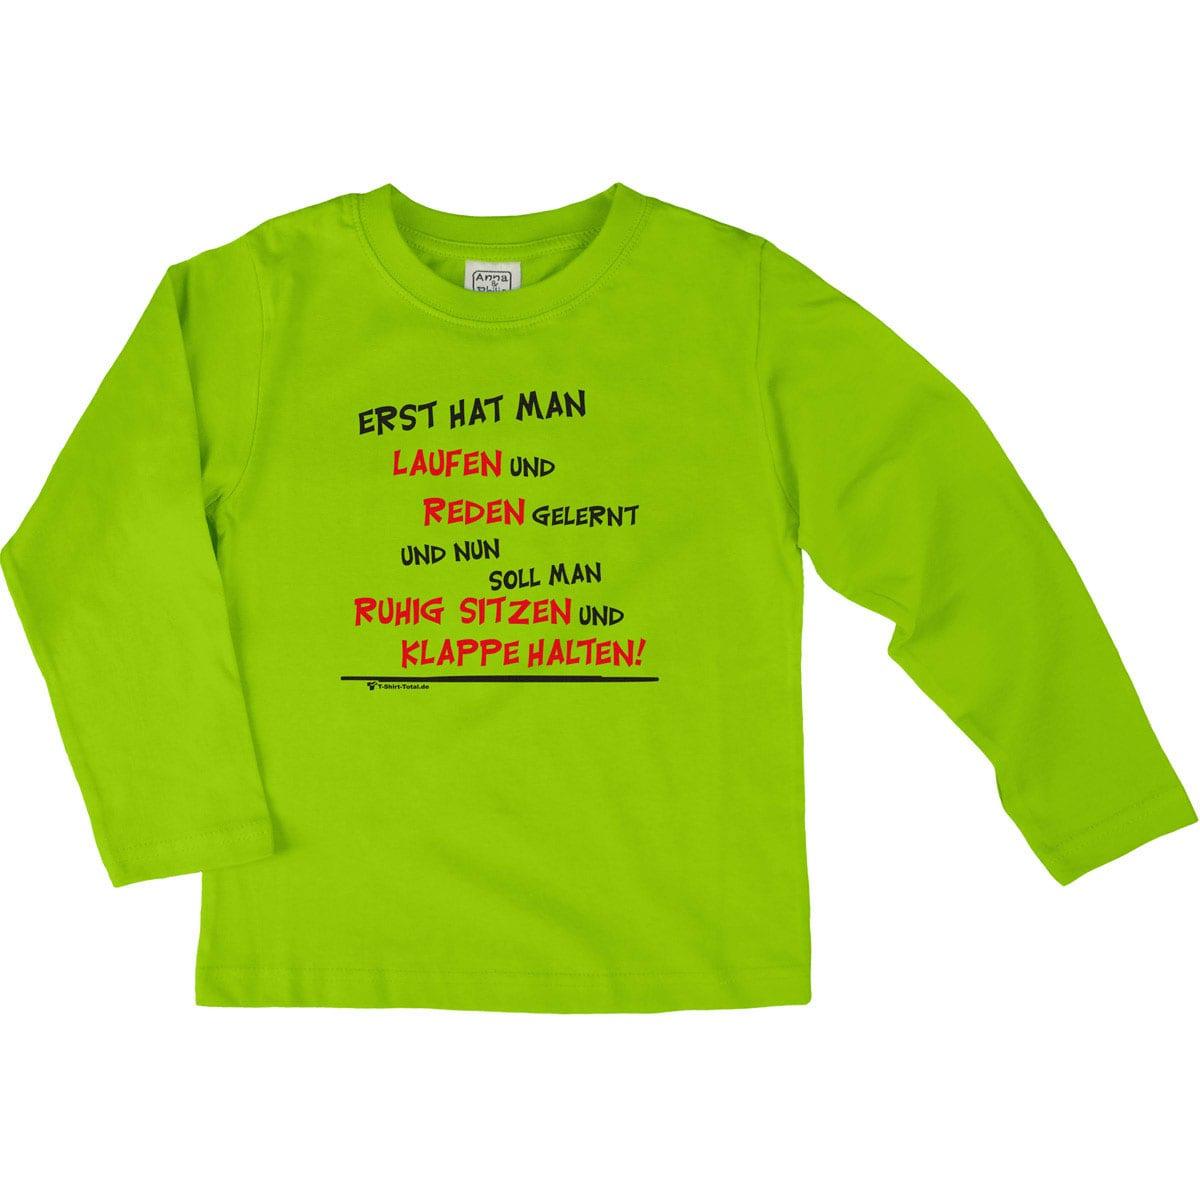 T-Shirt - Erst hat man reden und laufen ... | Namensgeschenke4Kids